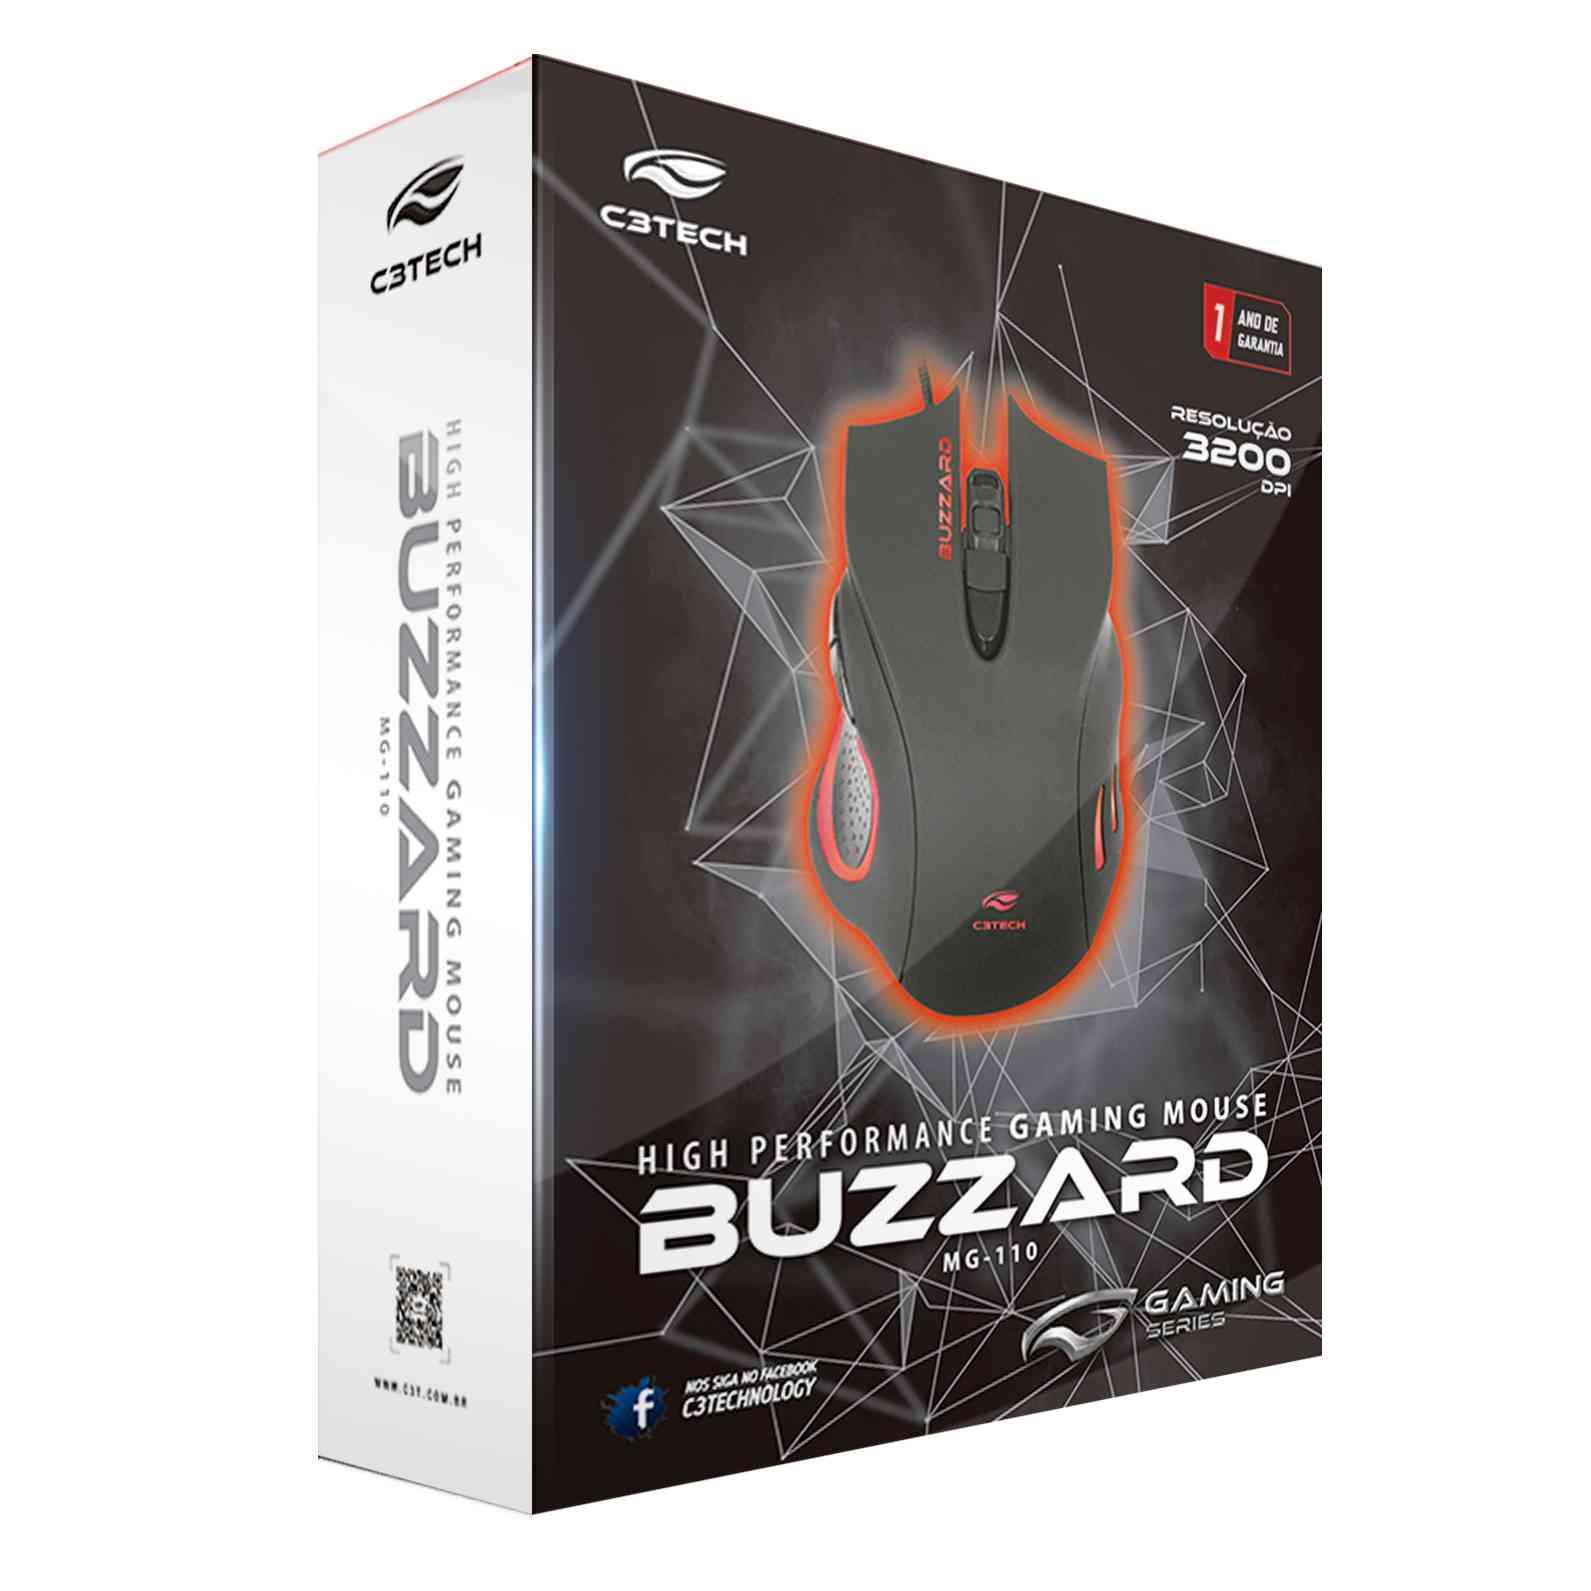 MOUSE GAMER BUZZARD MG-110BK USB PRETO - C3TECH